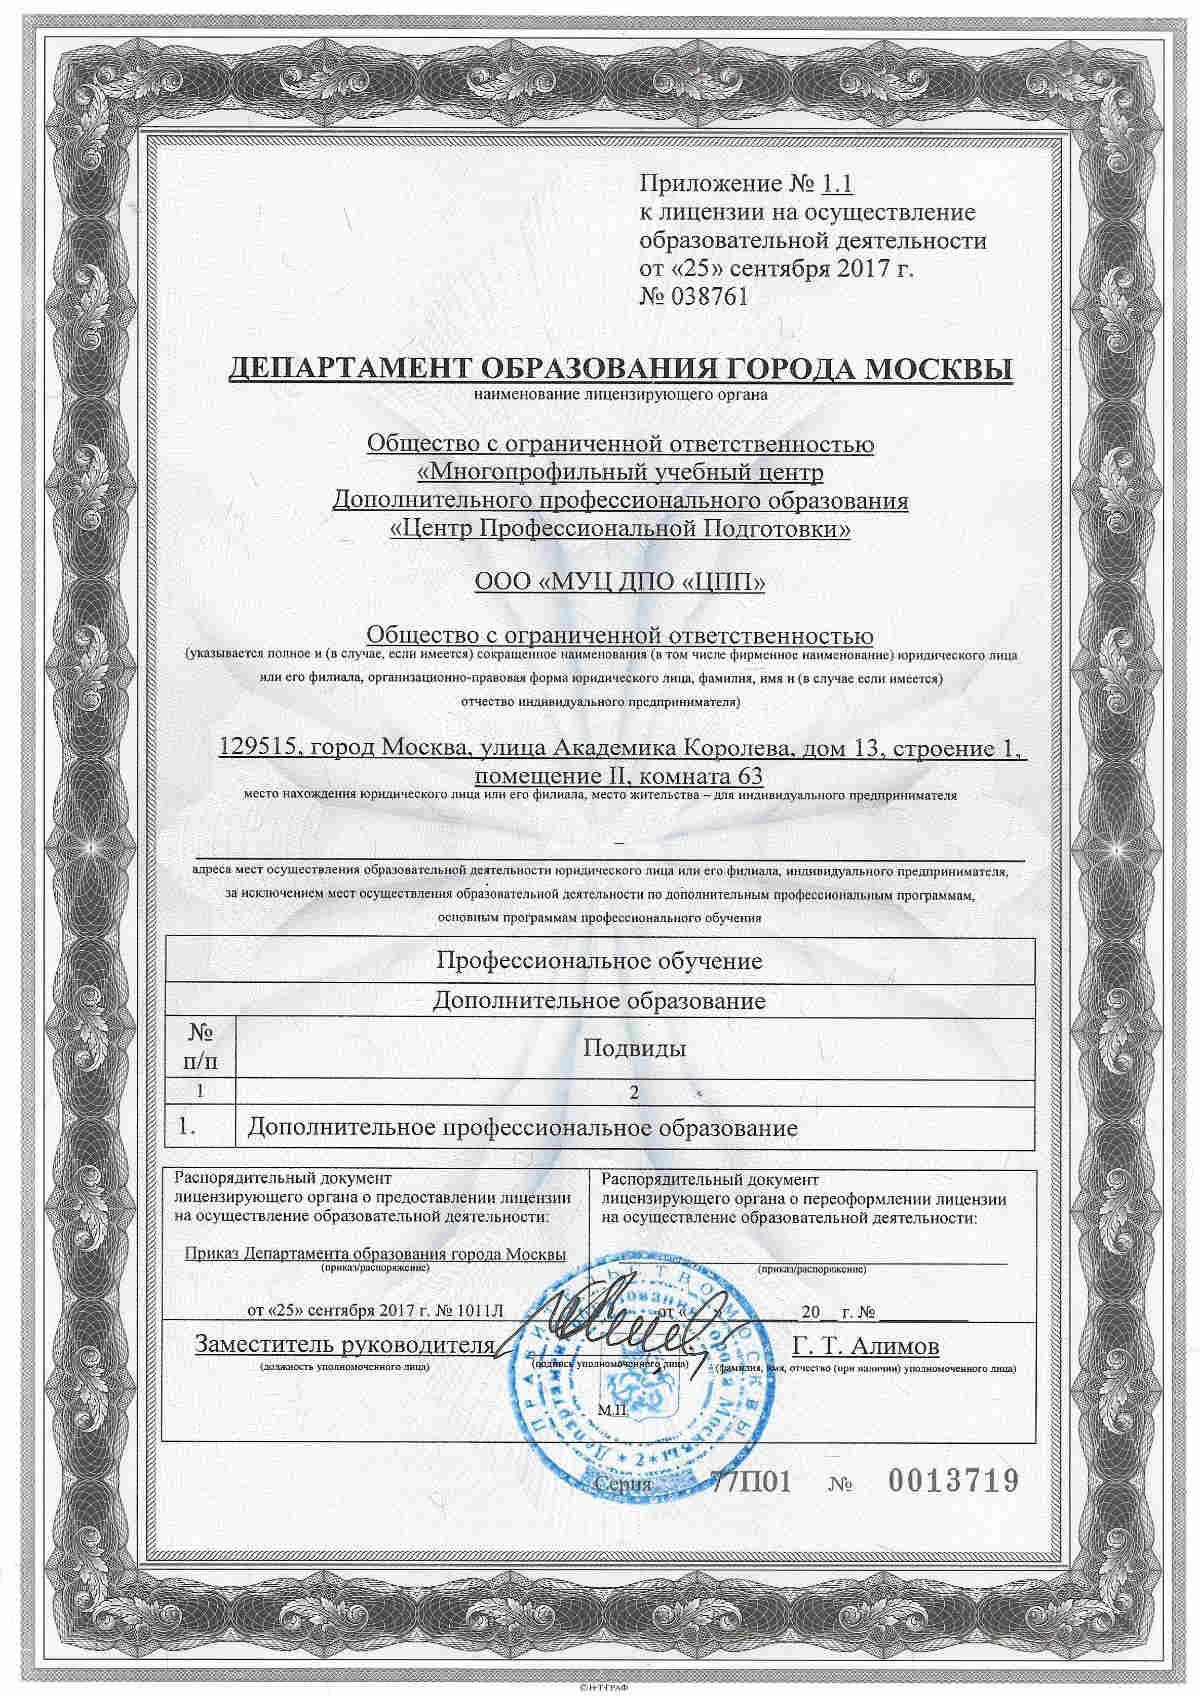 лицензия института